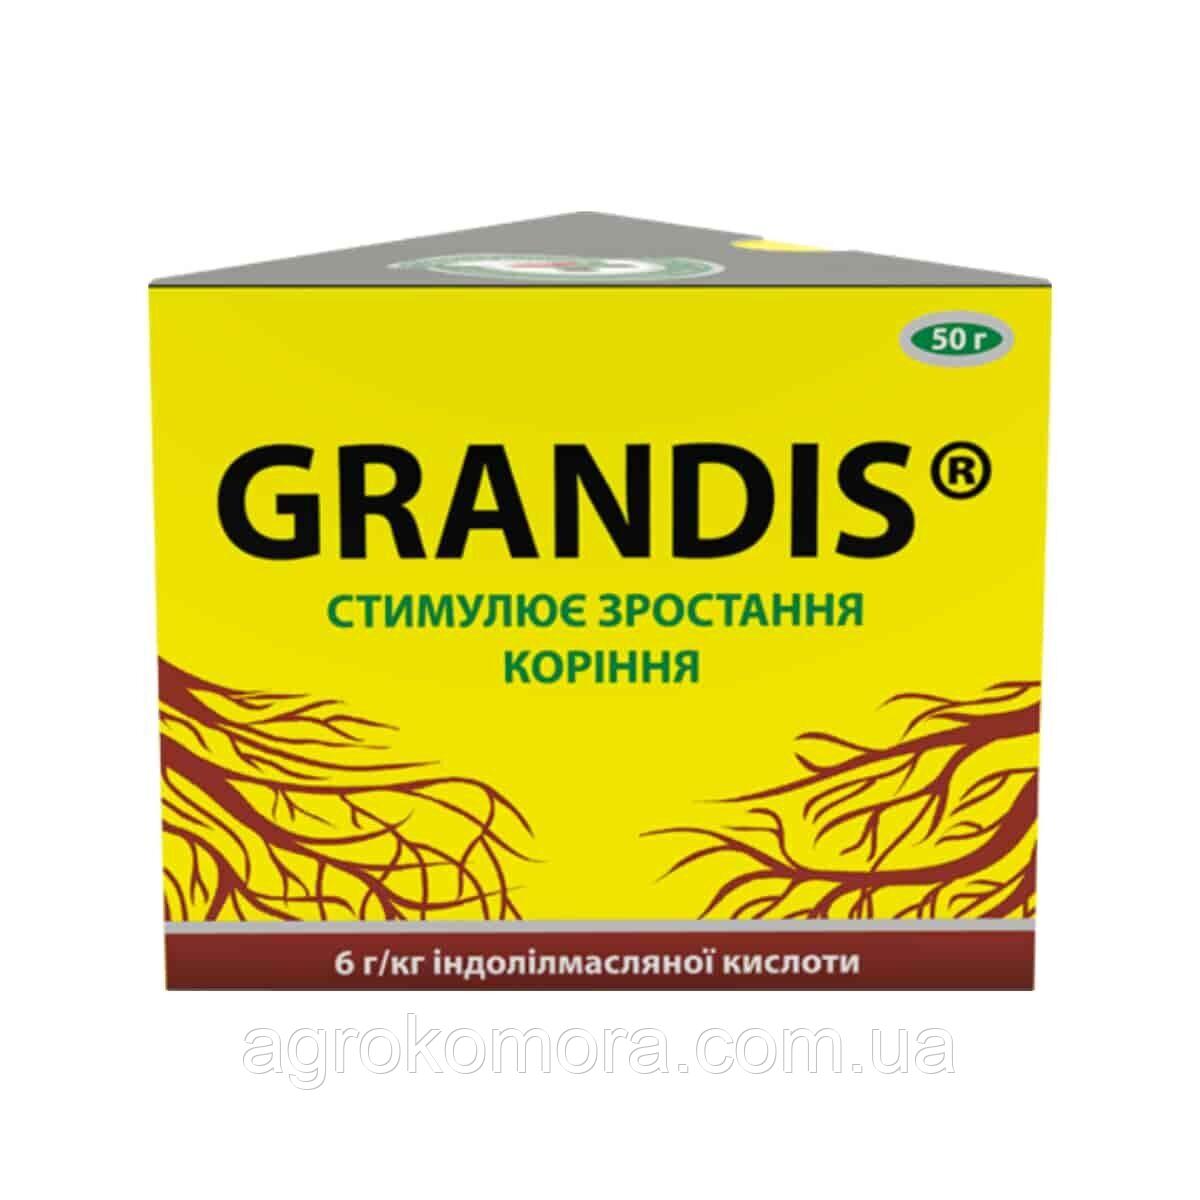 Грандіс Grandis укорінювач - стимулює зростання коріння, 50 г